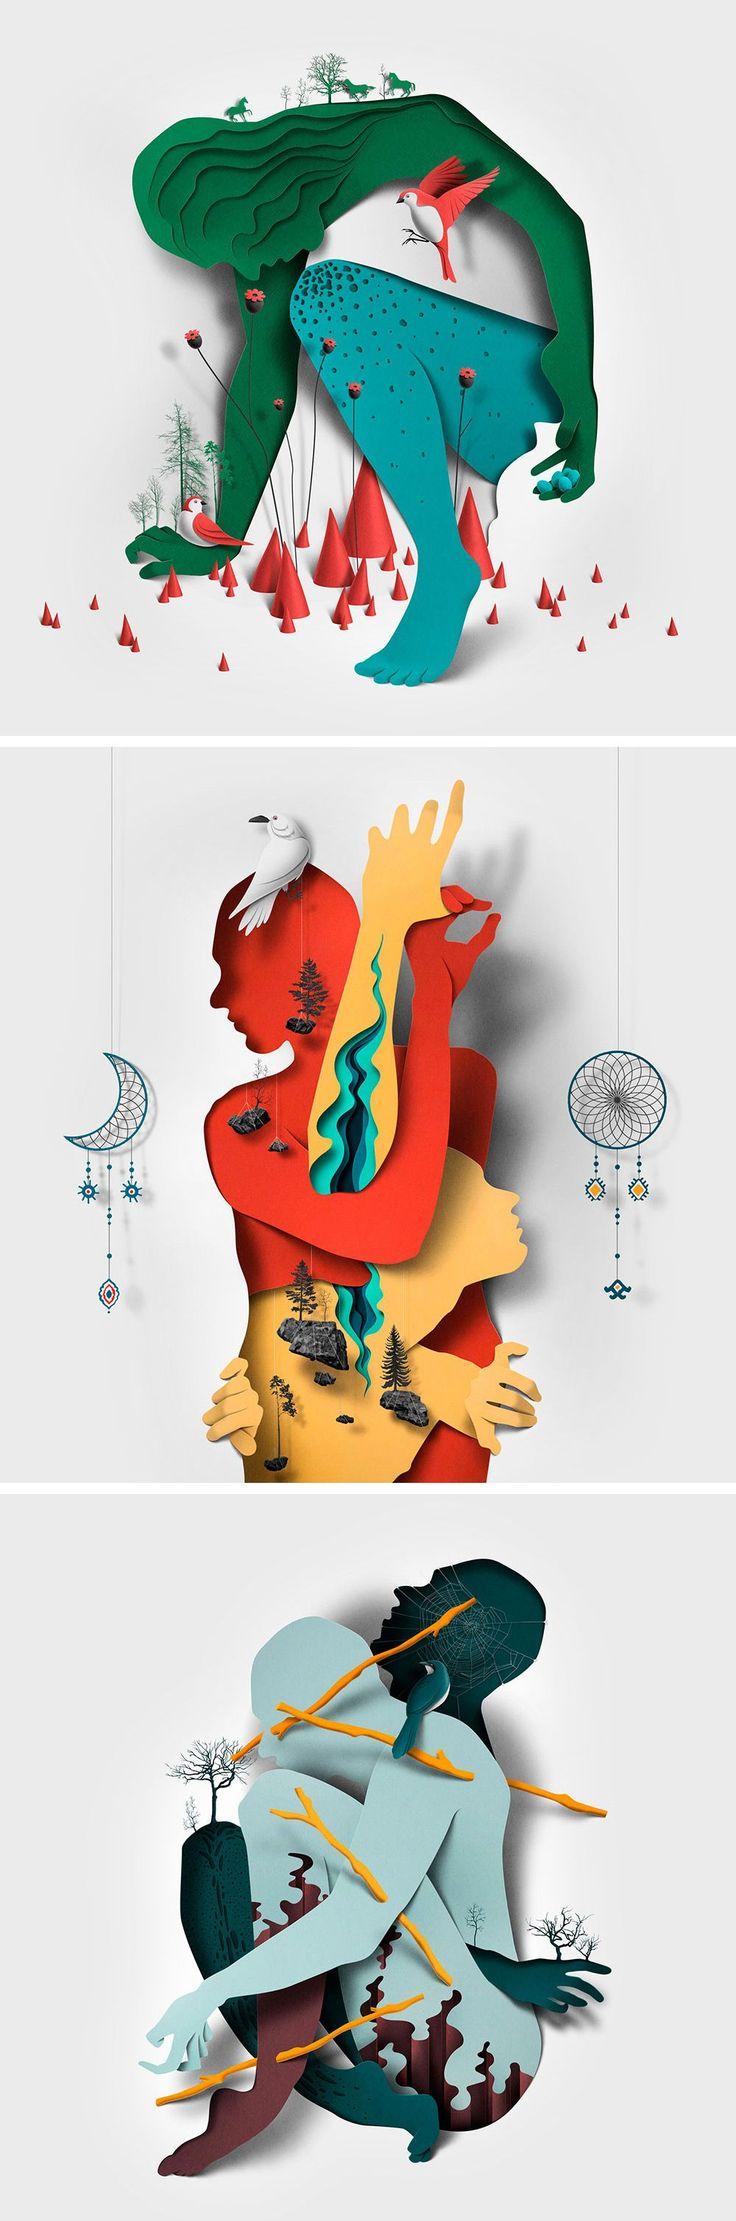 Neue redaktionelle Illustrationen mit Papierbeschneidungen und Schatten von Eiko Ojala